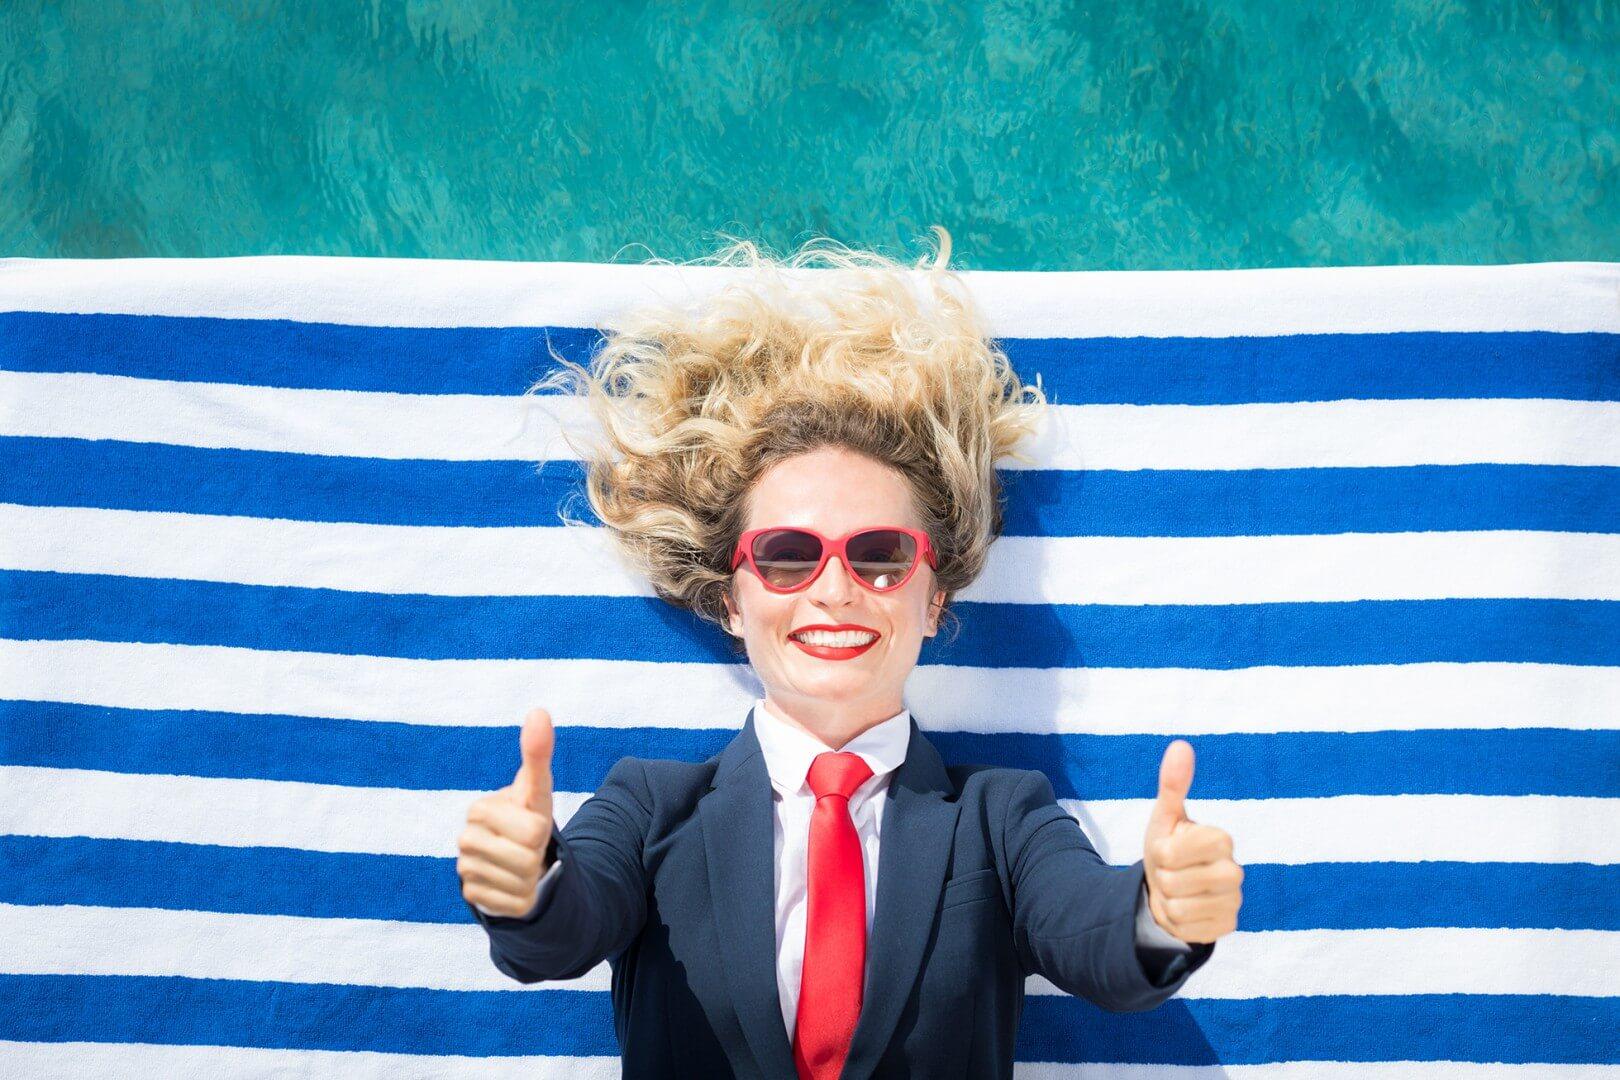 Biznes irelaks — promocje cenowe dla podróżujących służbowo